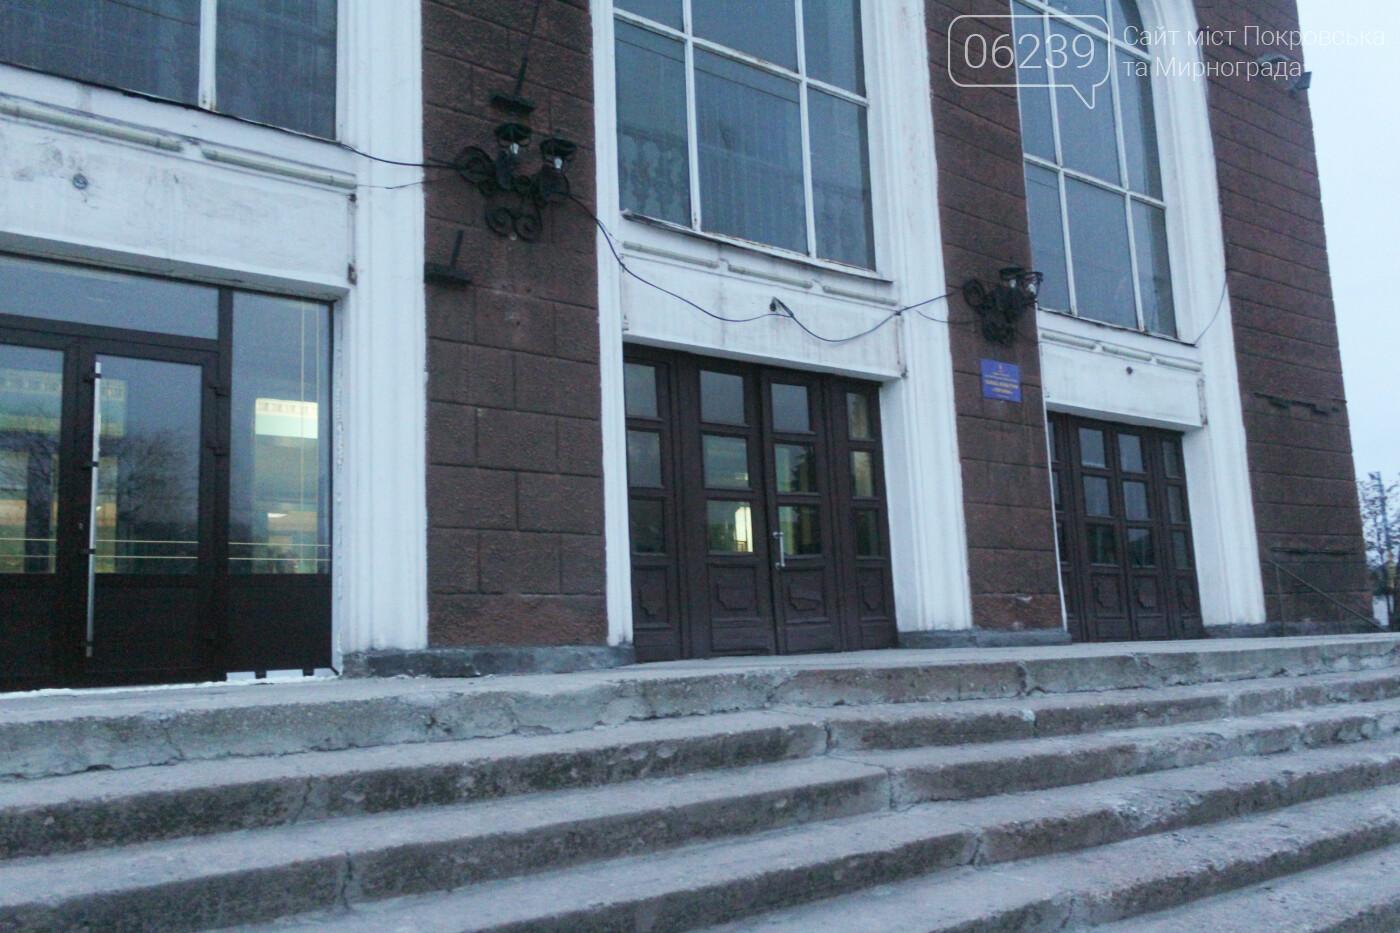 В мирноградском ДК «Украина» ремонтируют главный вход , фото-2